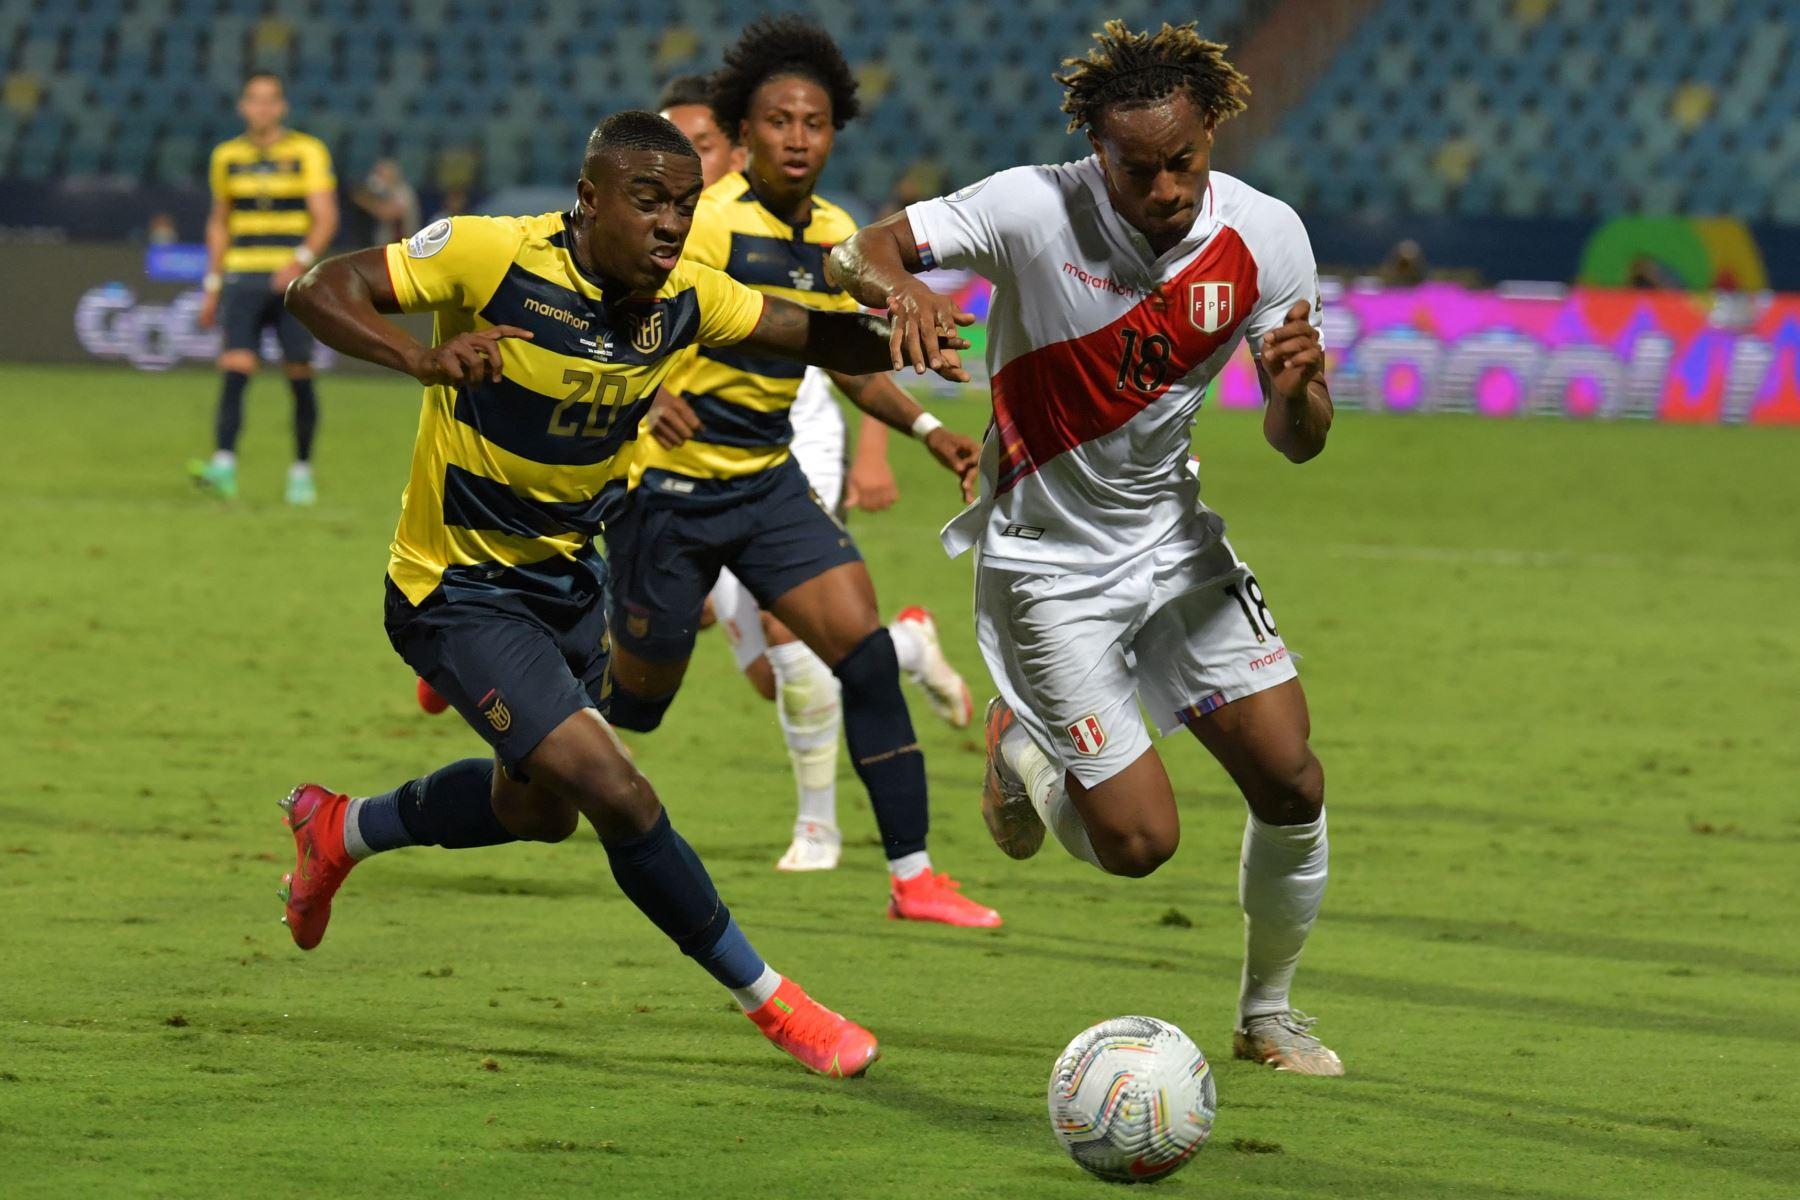 El ecuatoriano Jhegson Méndez y el peruano Andre Carrillo compiten por el balón durante el partido de la fase de grupos del torneo de fútbol Conmebol Copa América 2021 en el Estadio Olímpico de Goiania, Brasil. Foto: AFP